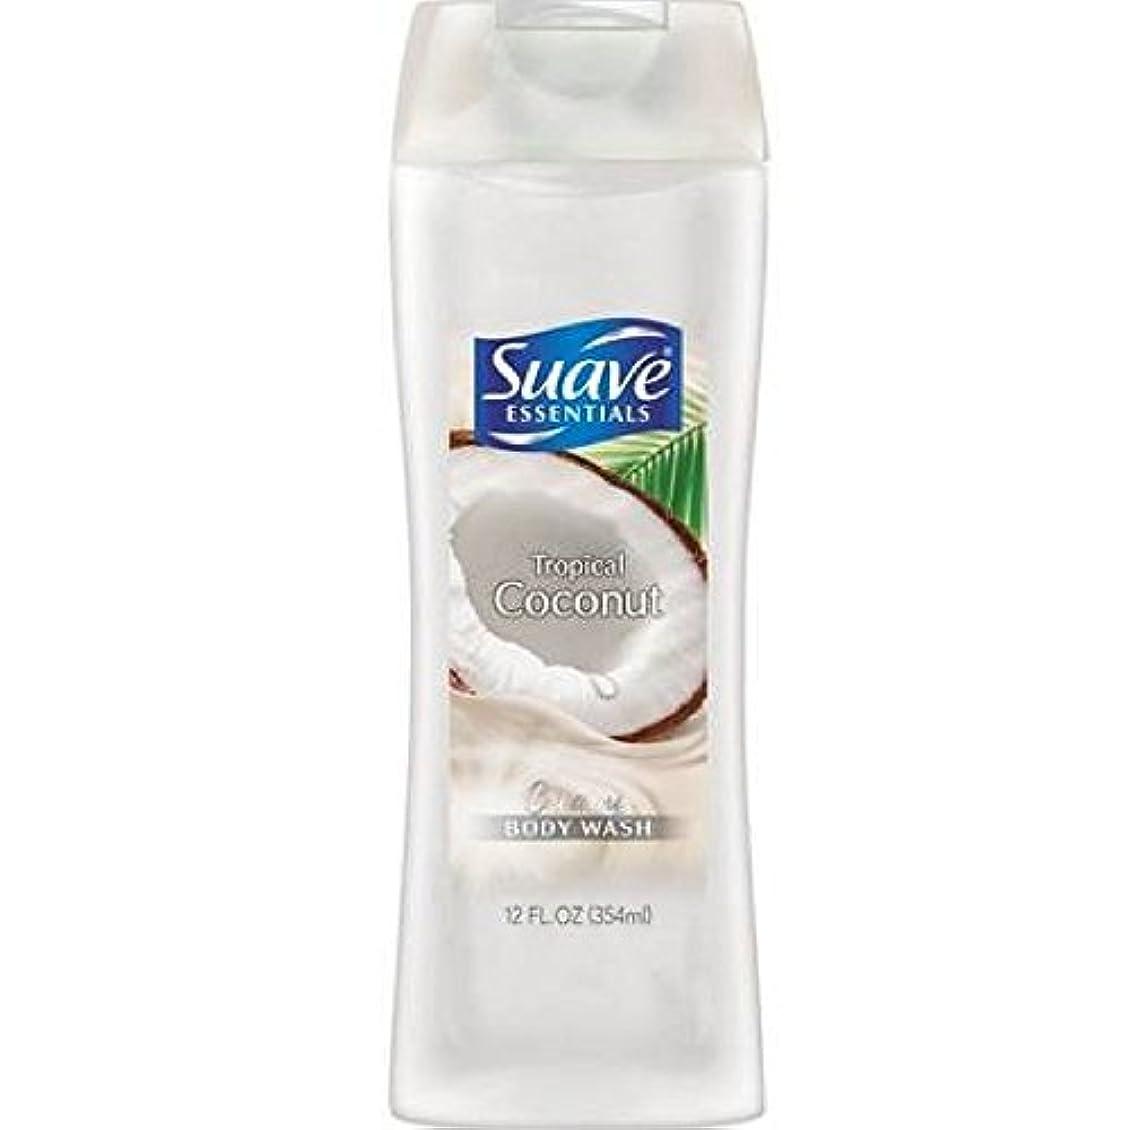 数学者そっと老朽化したSuave Naturals Body Wash - Tropical Coconut - 12 oz - 2 pk by Suave [並行輸入品]